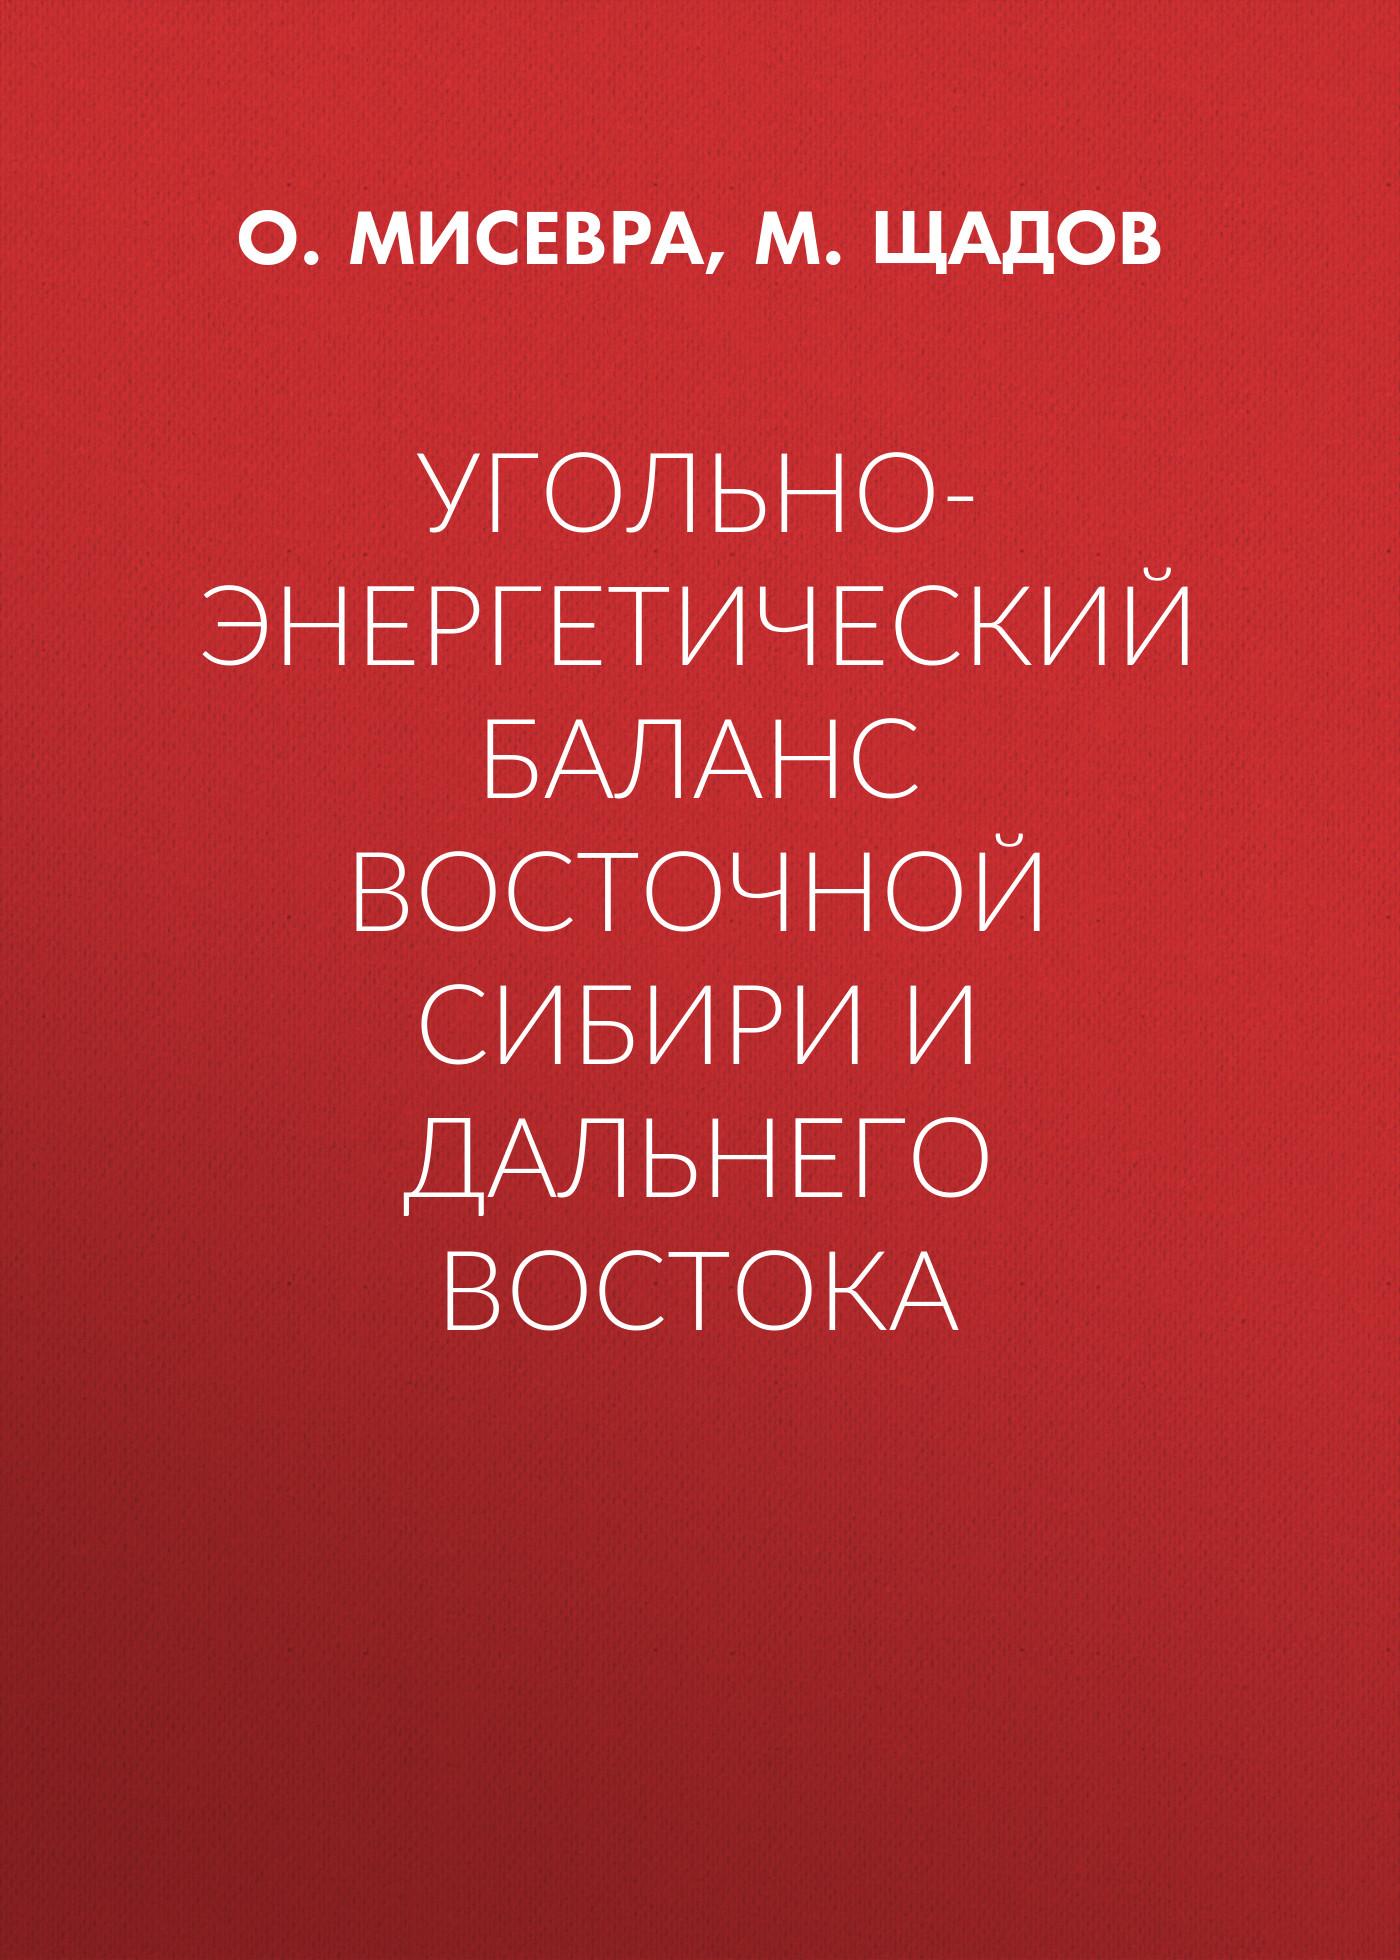 М. Щадов Угольно-энергетический баланс Восточной Сибири и Дальнего Востока алексей мартос письма о восточной сибири